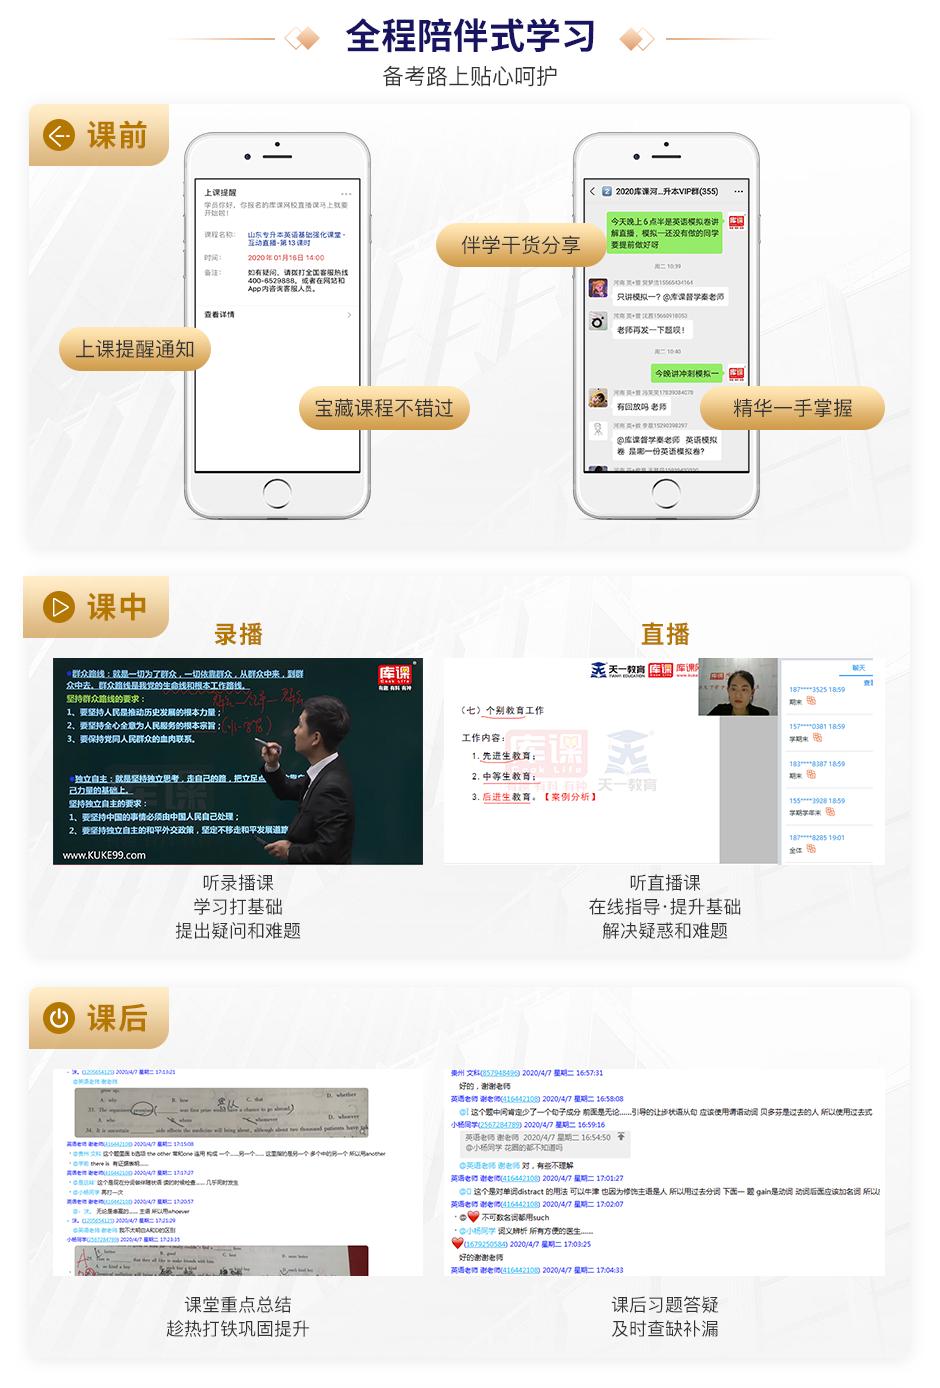 重庆vip-语文_05.png